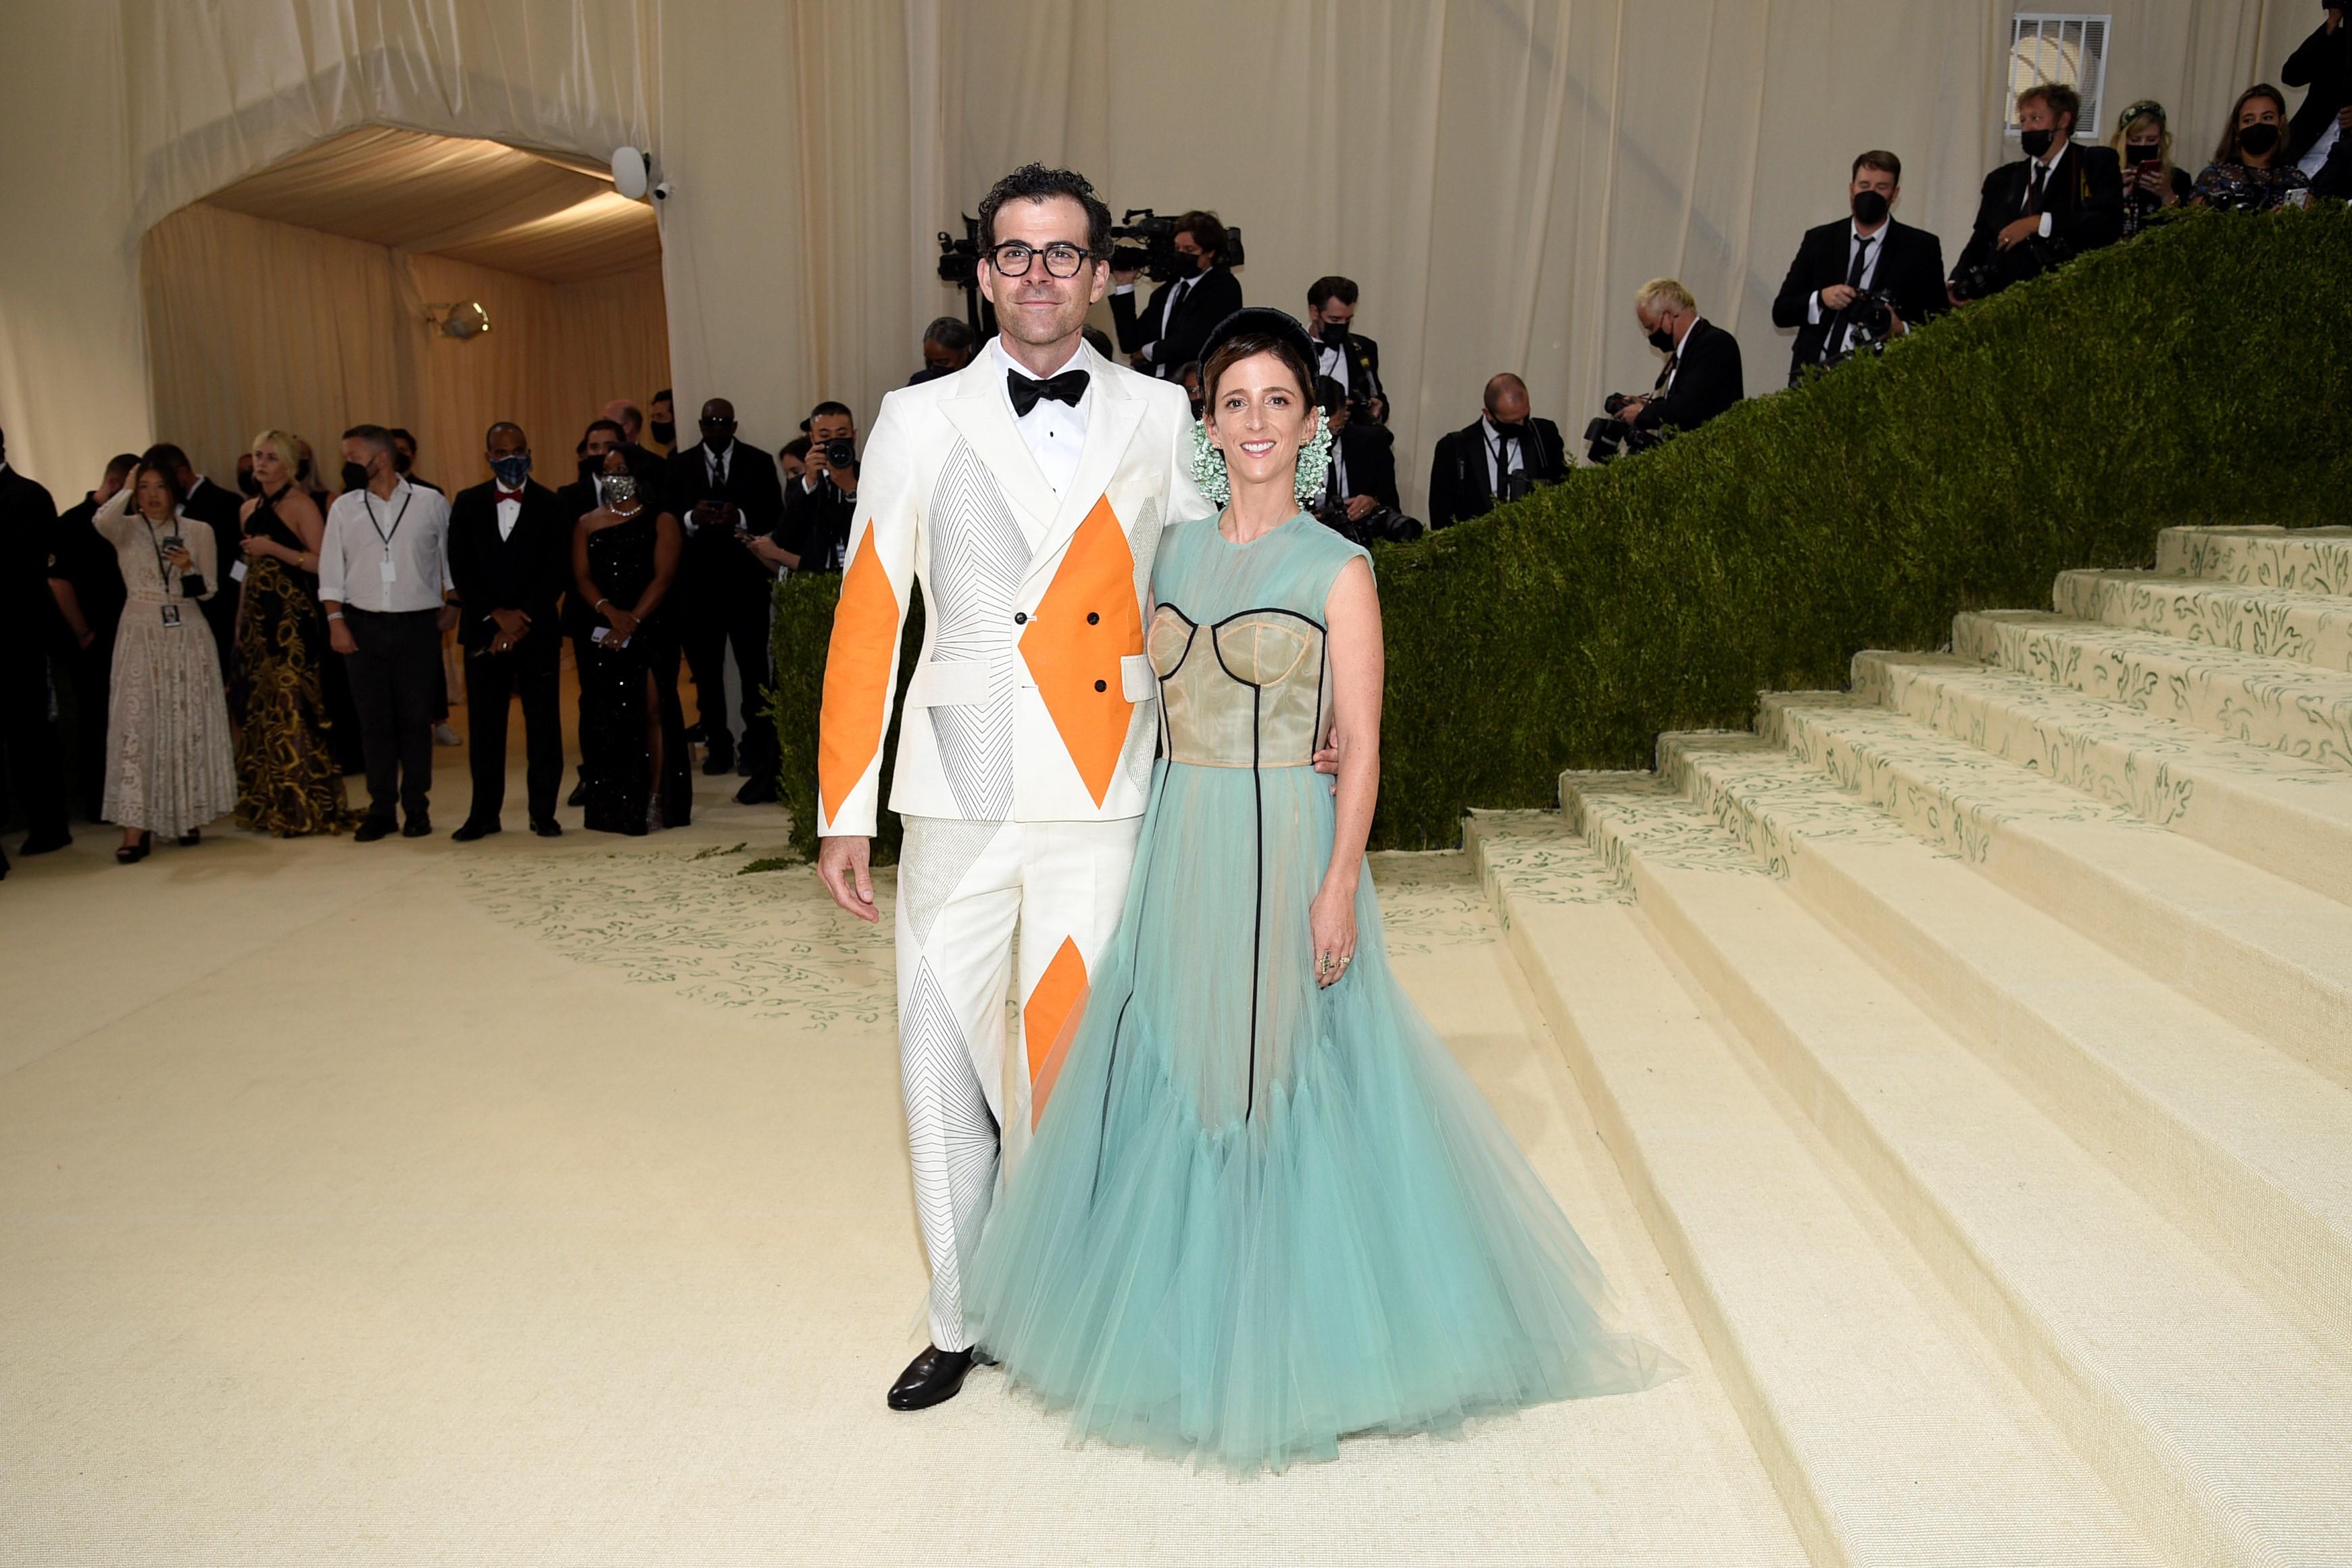 El director de Instagram, Adam Mosseri, acompañado de su esposa Monica Mosse. (AP)